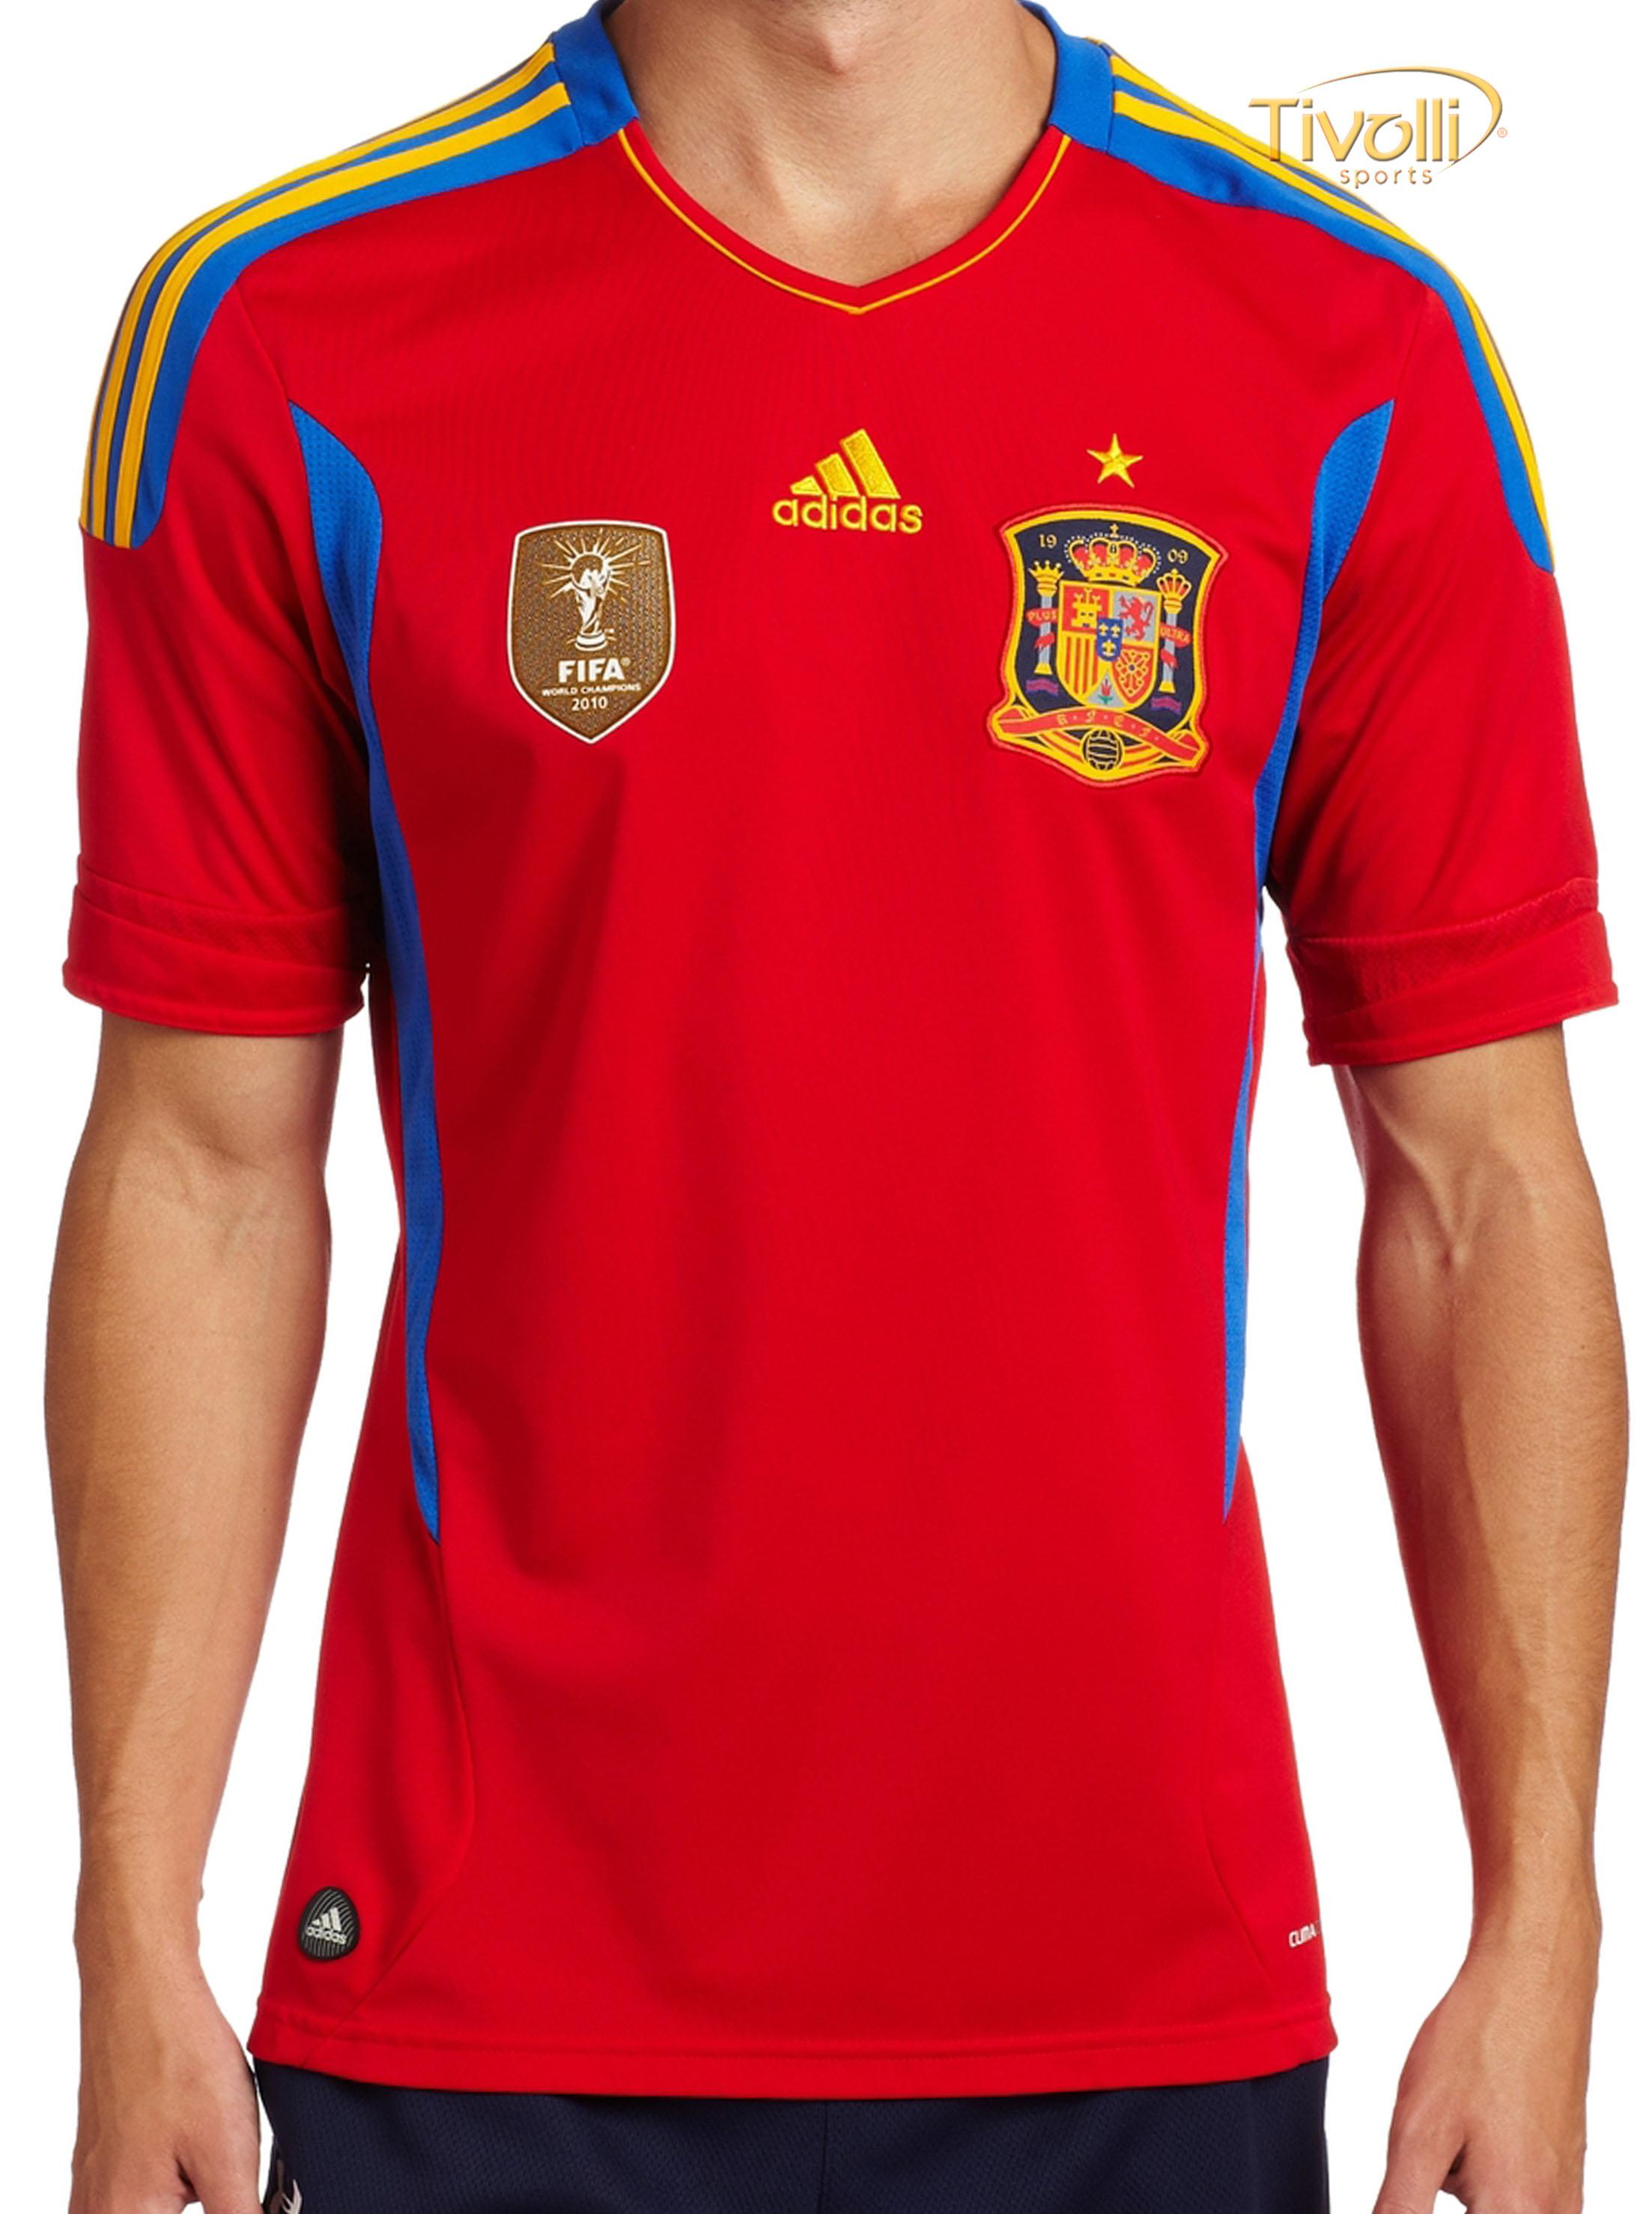 81b24bc58fc9c Black Friday - Camisa Espanha Adidas I Home 2011 12 Masculina Vermelha e  Azul